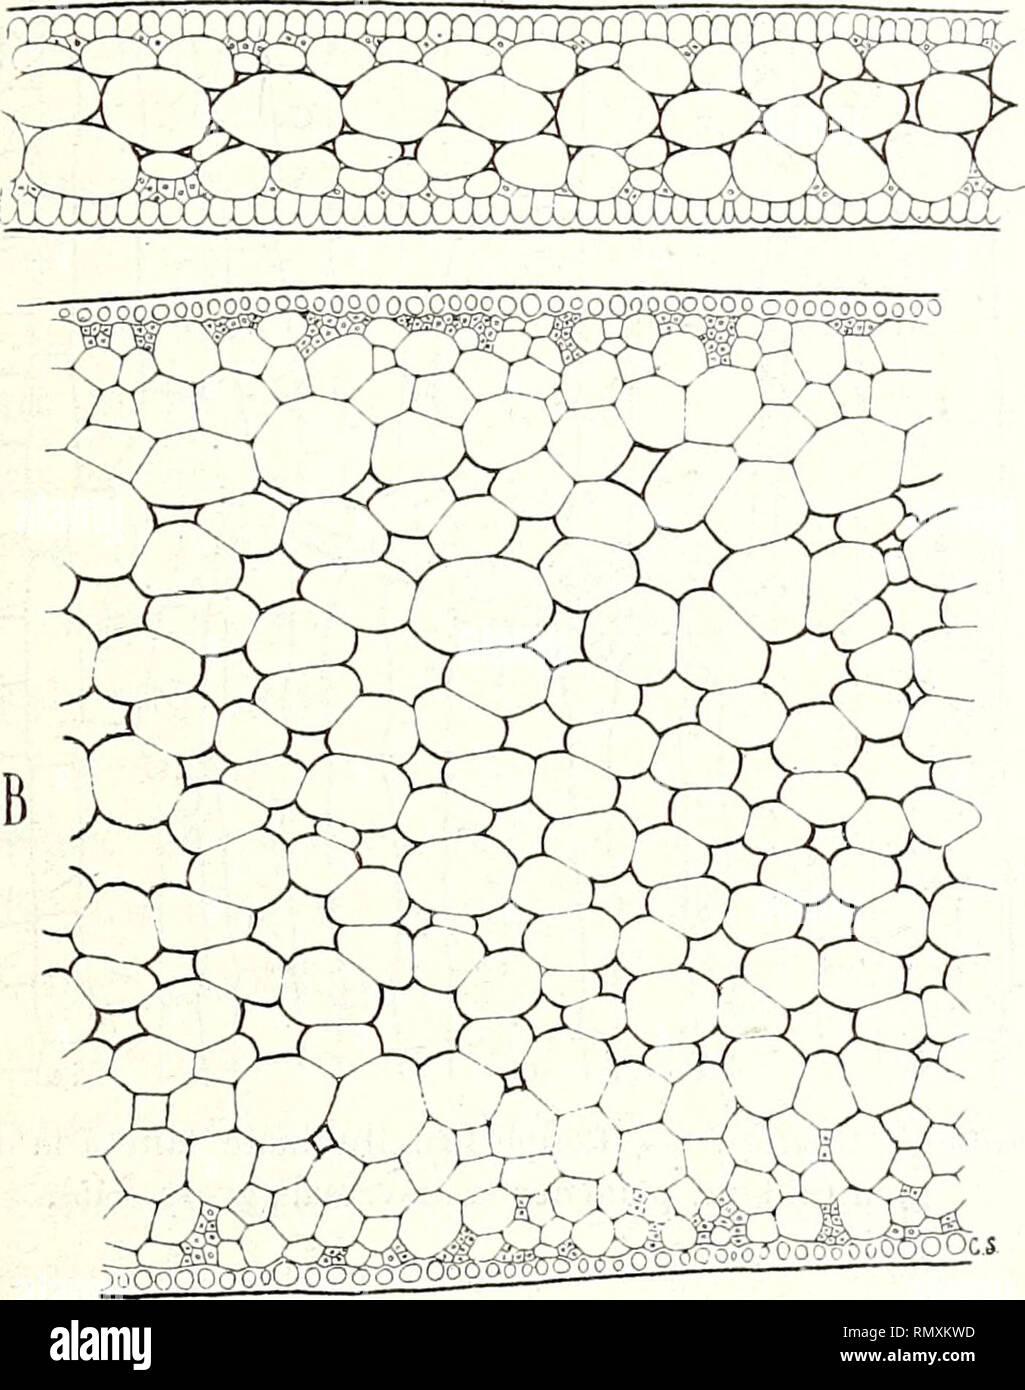 Annales des sciences naturelles botaniques feuilles des moinocotylédones aquatiques 163 ire fig